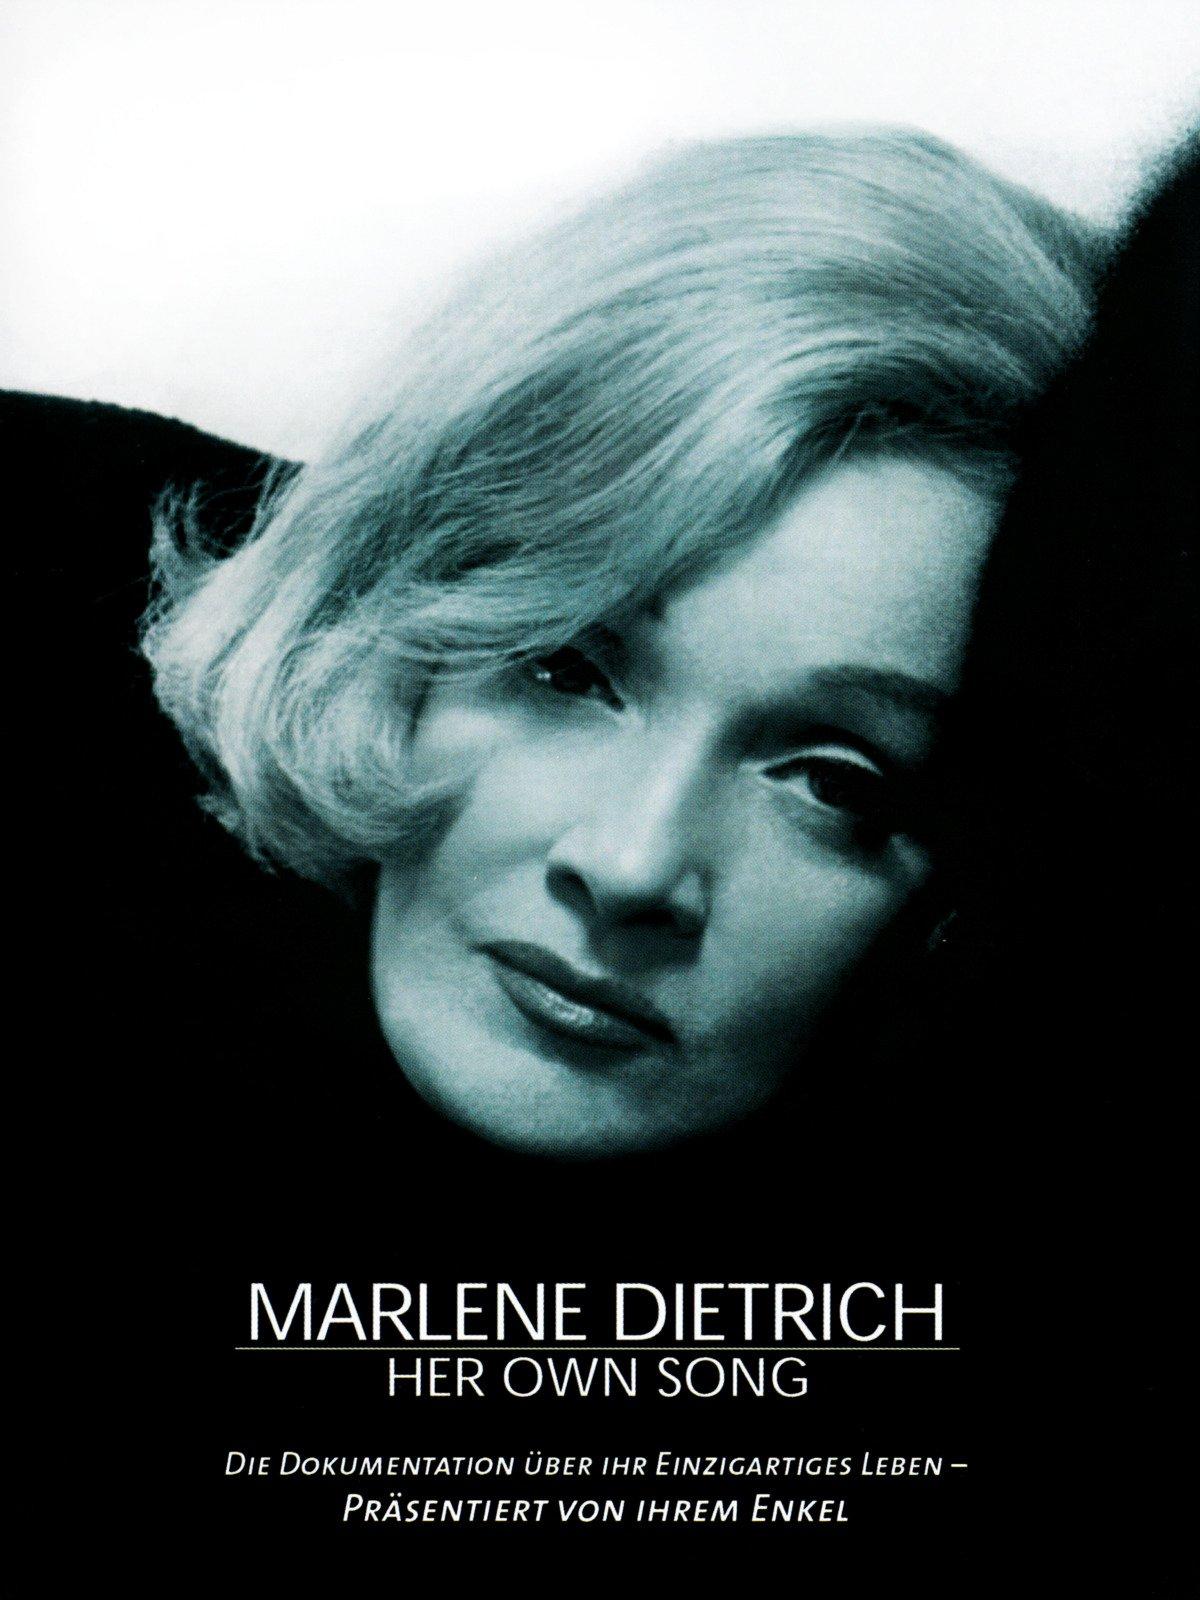 Amazon.de: Marlene Dietrich - Her own song ansehen | Prime Video